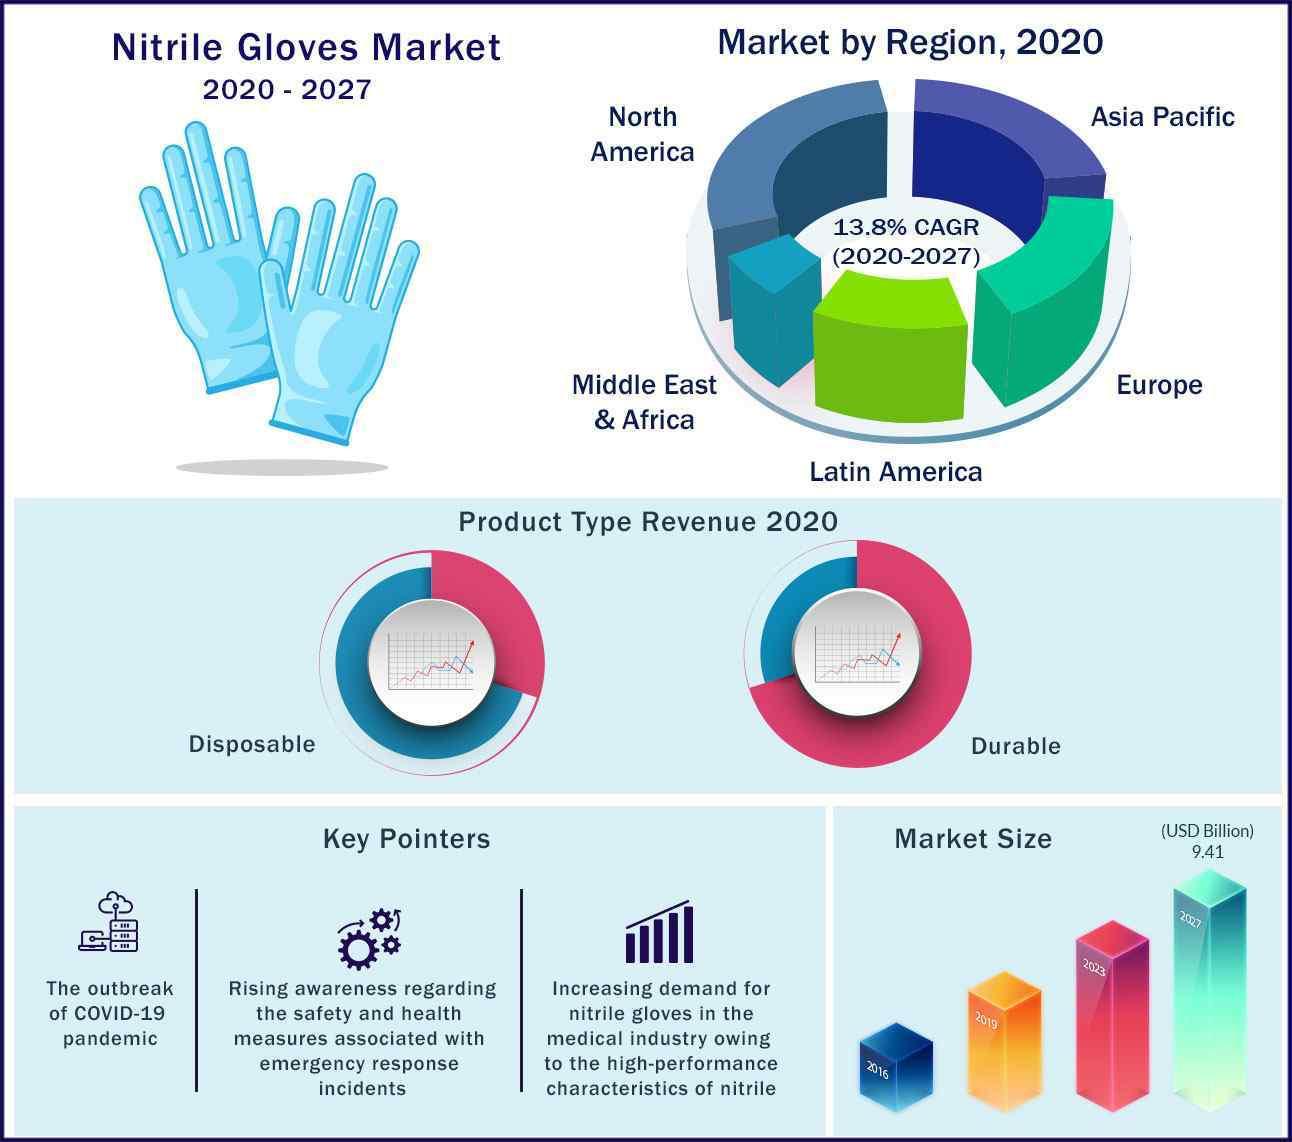 Global Nitrile Gloves Market 2020-2027